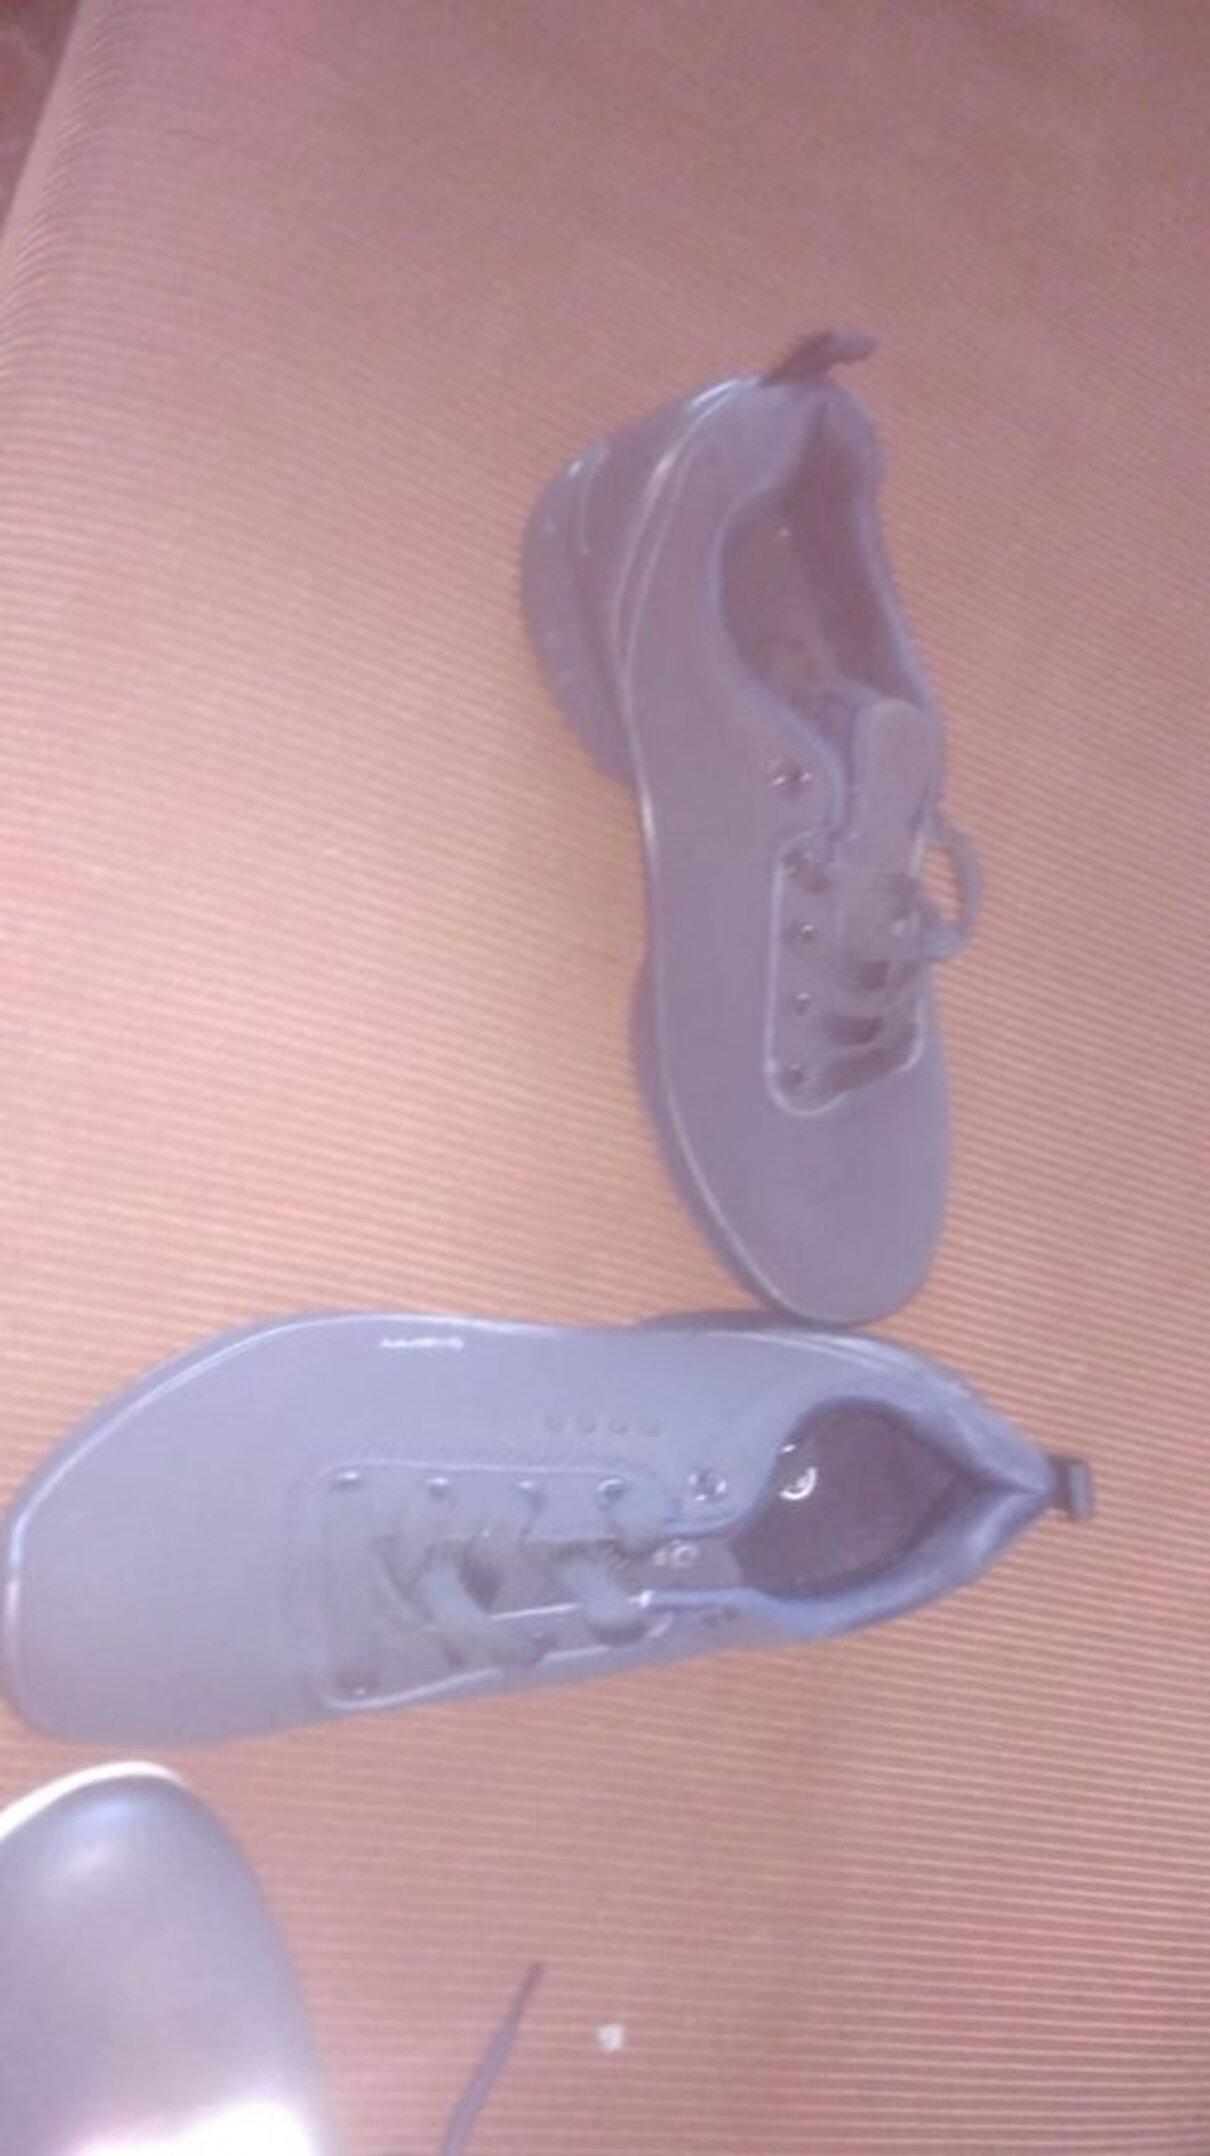 Жалоба-отзыв: ООО Атлант - Жестоко обманули с качеством и размером обуви